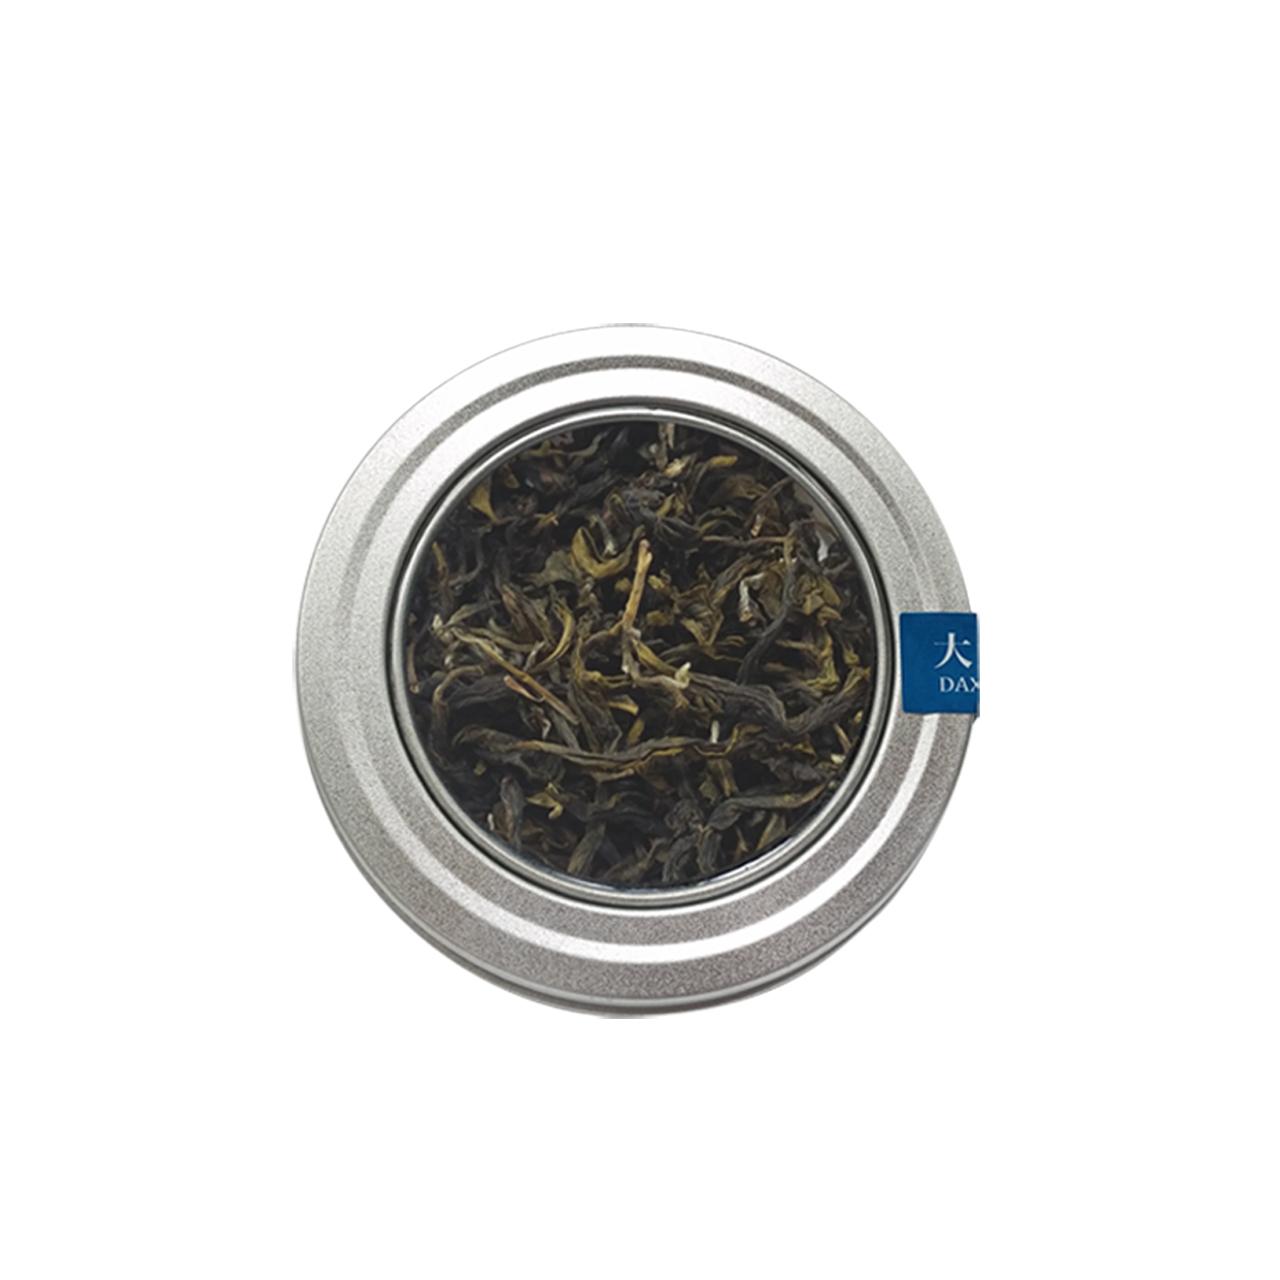 大溪-青心甘綠茶(自然農法-鐵餅盒)